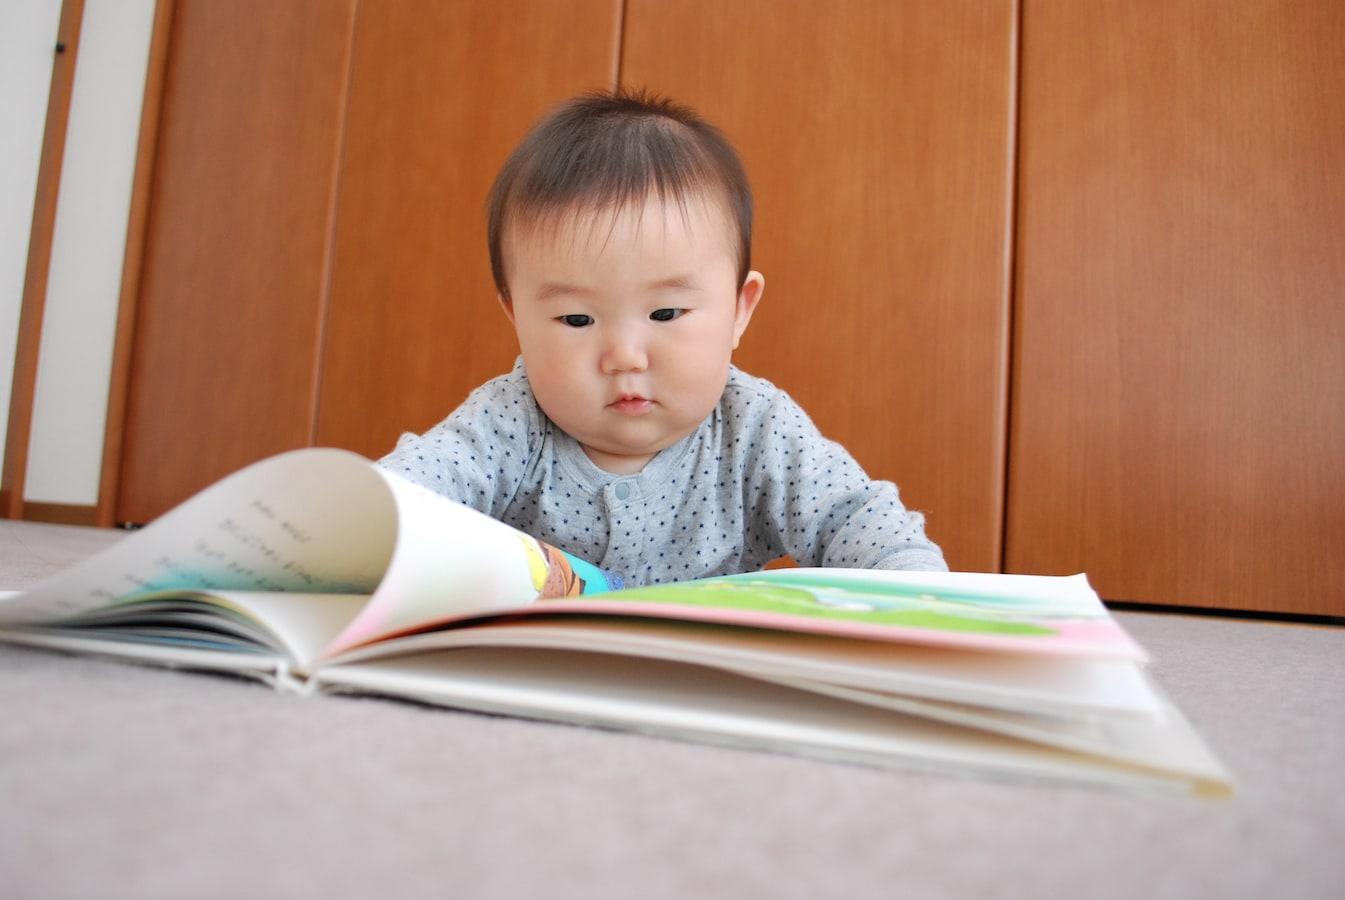 0歳児におすすめ絵本!見て触って楽しい人気絵本10選